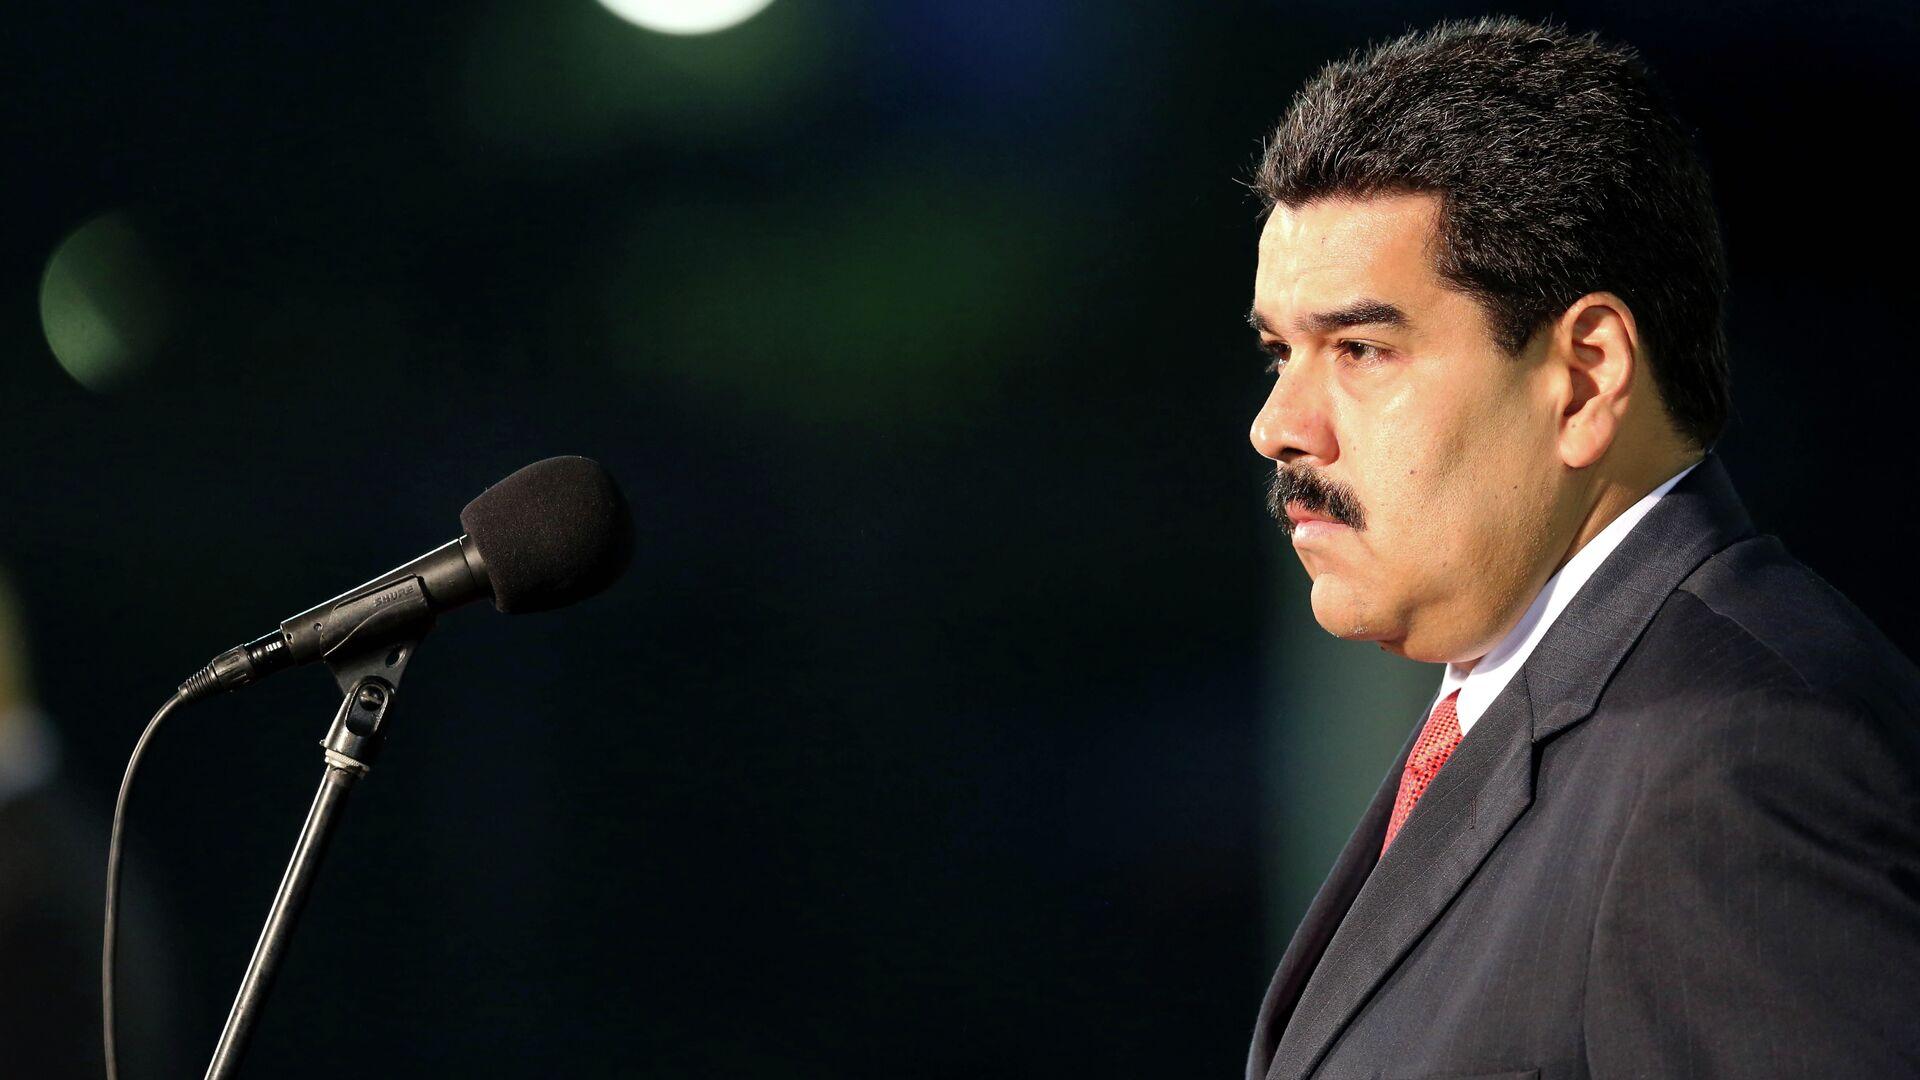 Nicolás Maduro, el presidente de Venezuela - Sputnik Mundo, 1920, 28.09.2021